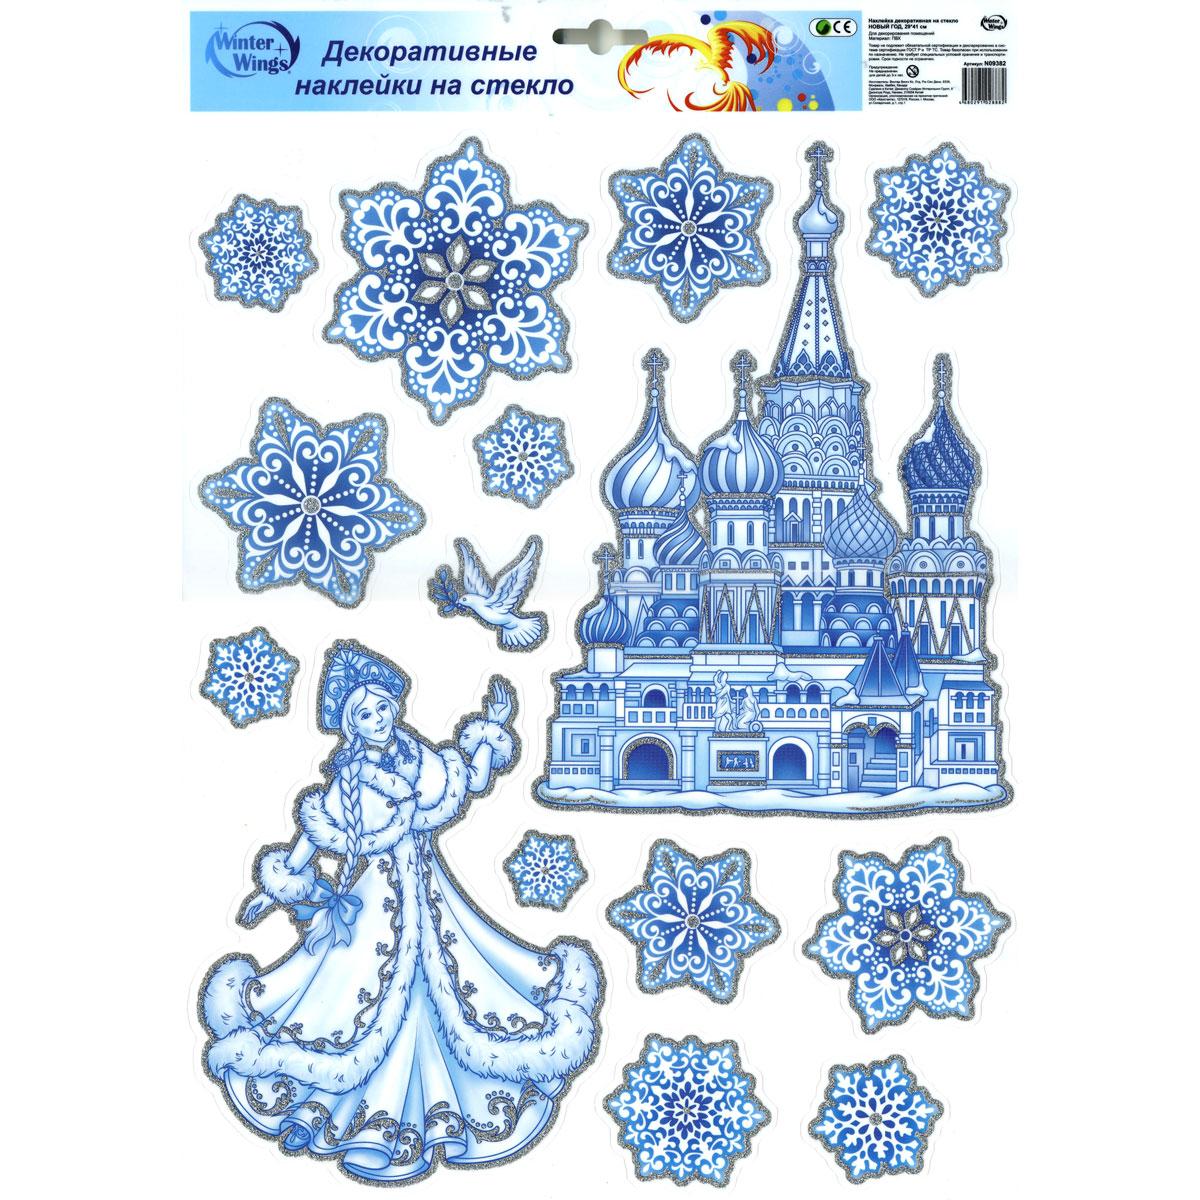 Наклейка декоративная Winter Wings Новый год, на стекло, 29 х 41 см. N09382N09382Наклейка декоаративная на стекло НОВЫЙ ГОД, 29*41 см, ПВХ_